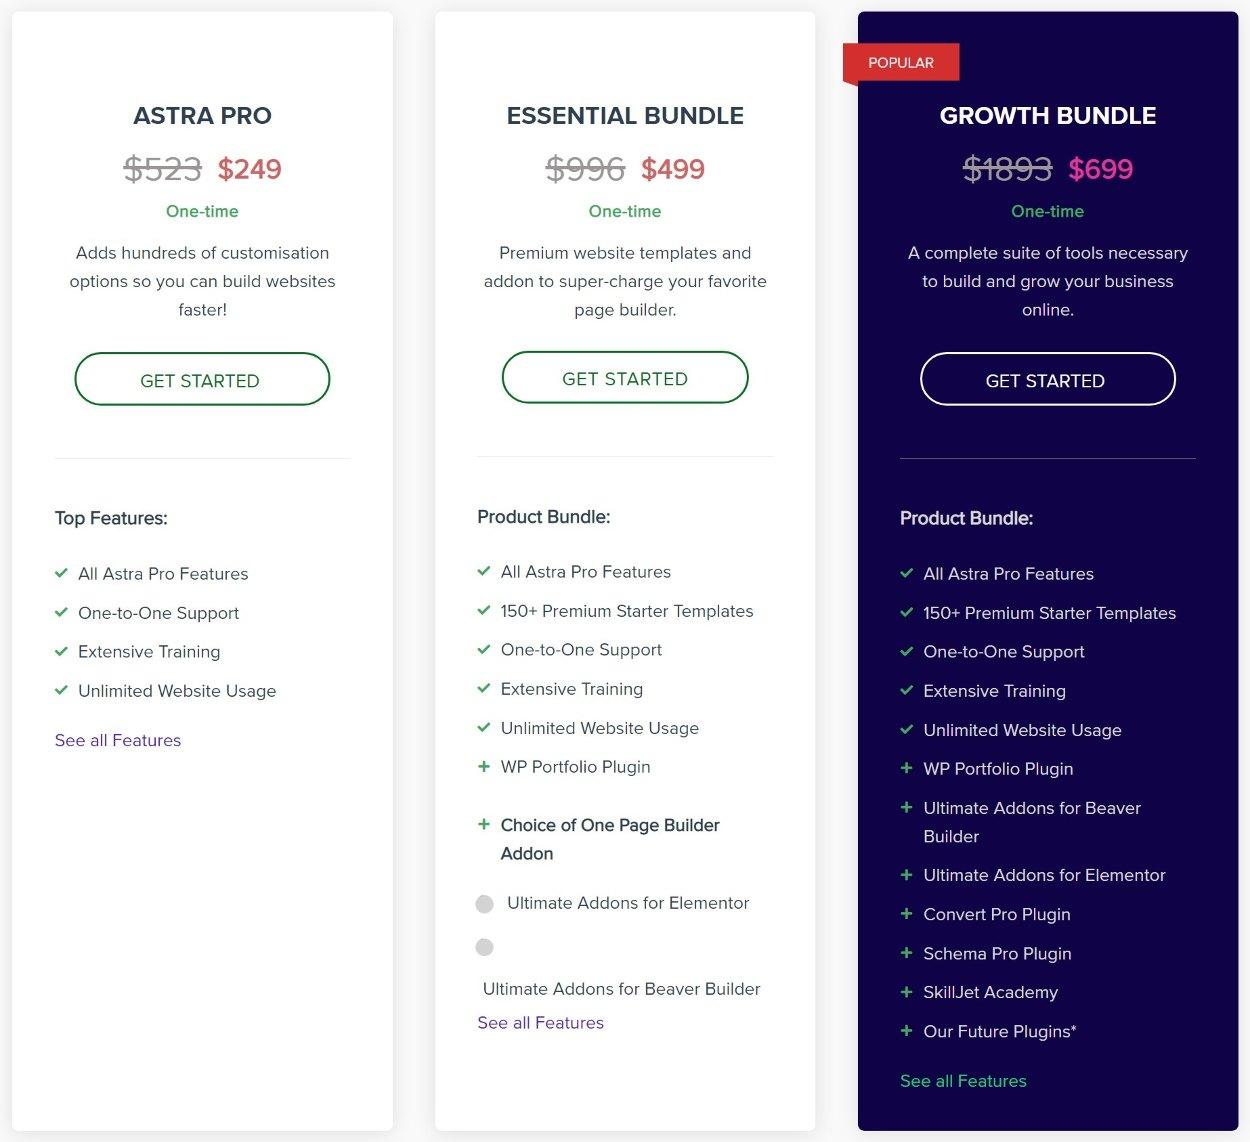 Revisión del tema Astra: ¿es el mejor tema de WordPress de 2021? - 1630926992 11 Revision del tema Astra ¿es el mejor tema de WordPress